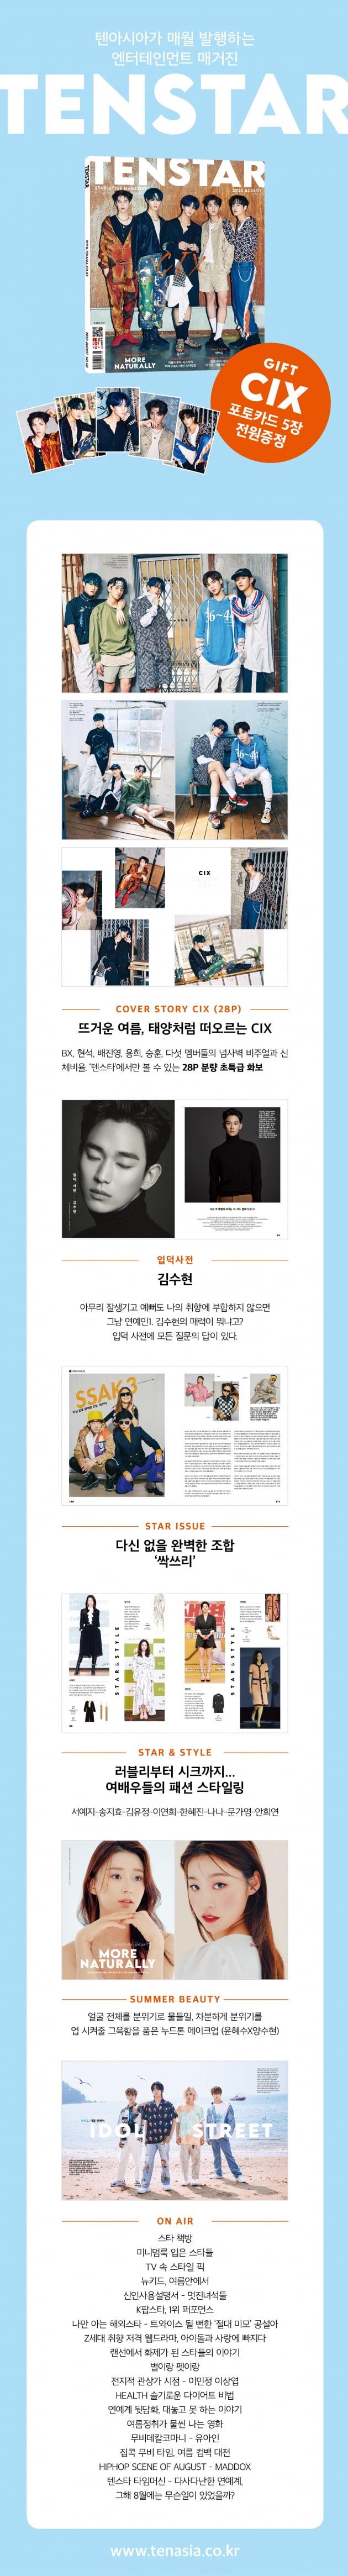 'TEN STAR 커버스토리' 떡잎부터 다른 CIX